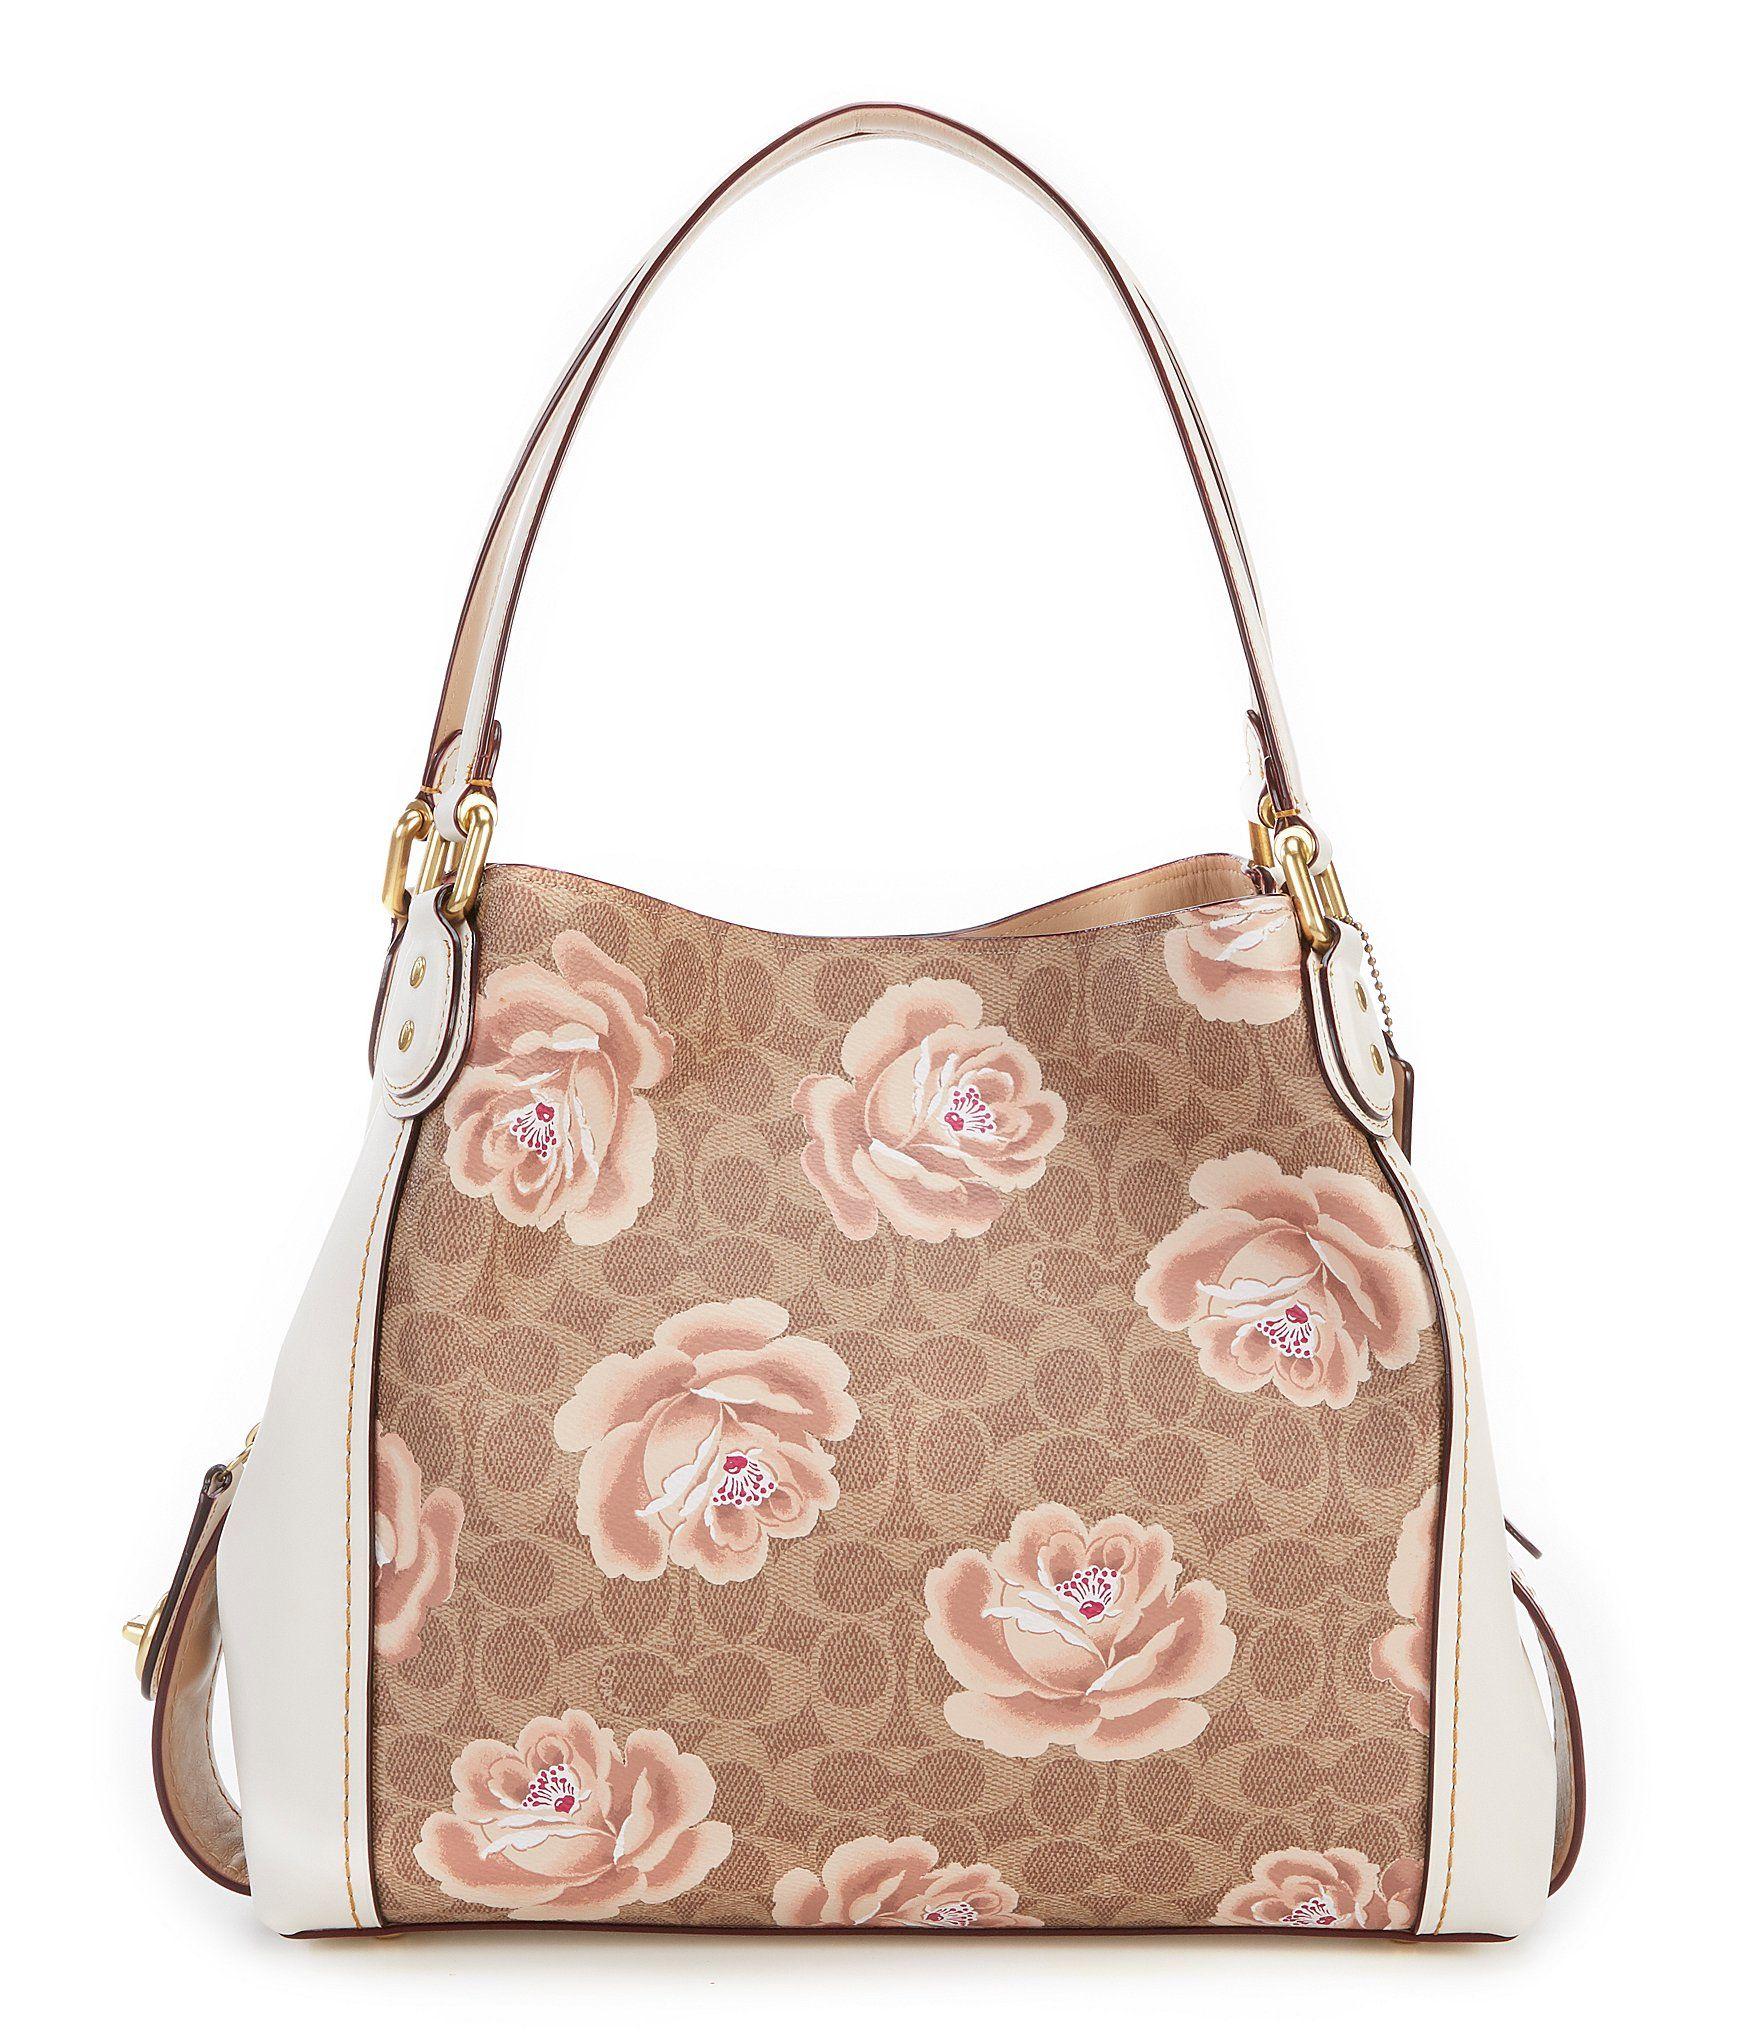 37b528d22f696a COACH EDIE 31 SIGNATURE ROSE PRINT SHOULDER BAG #Dillards | Purse in ...